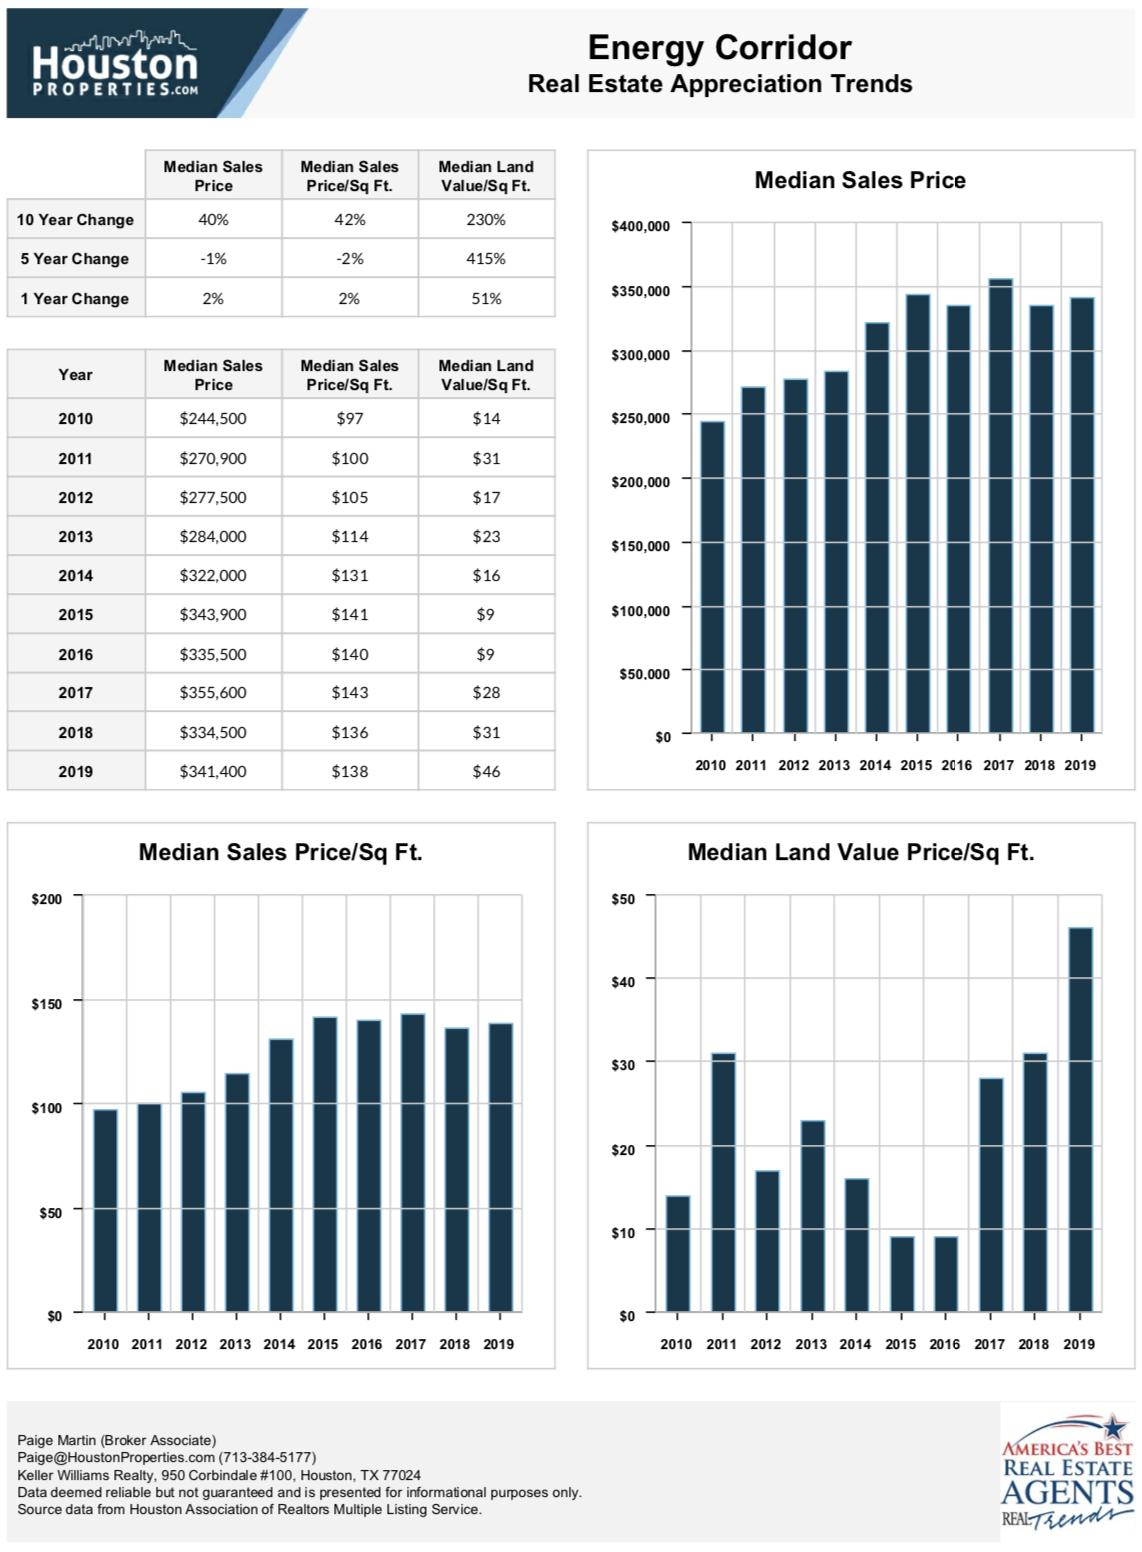 Energy Corridor Real Estate Appreciation Trends